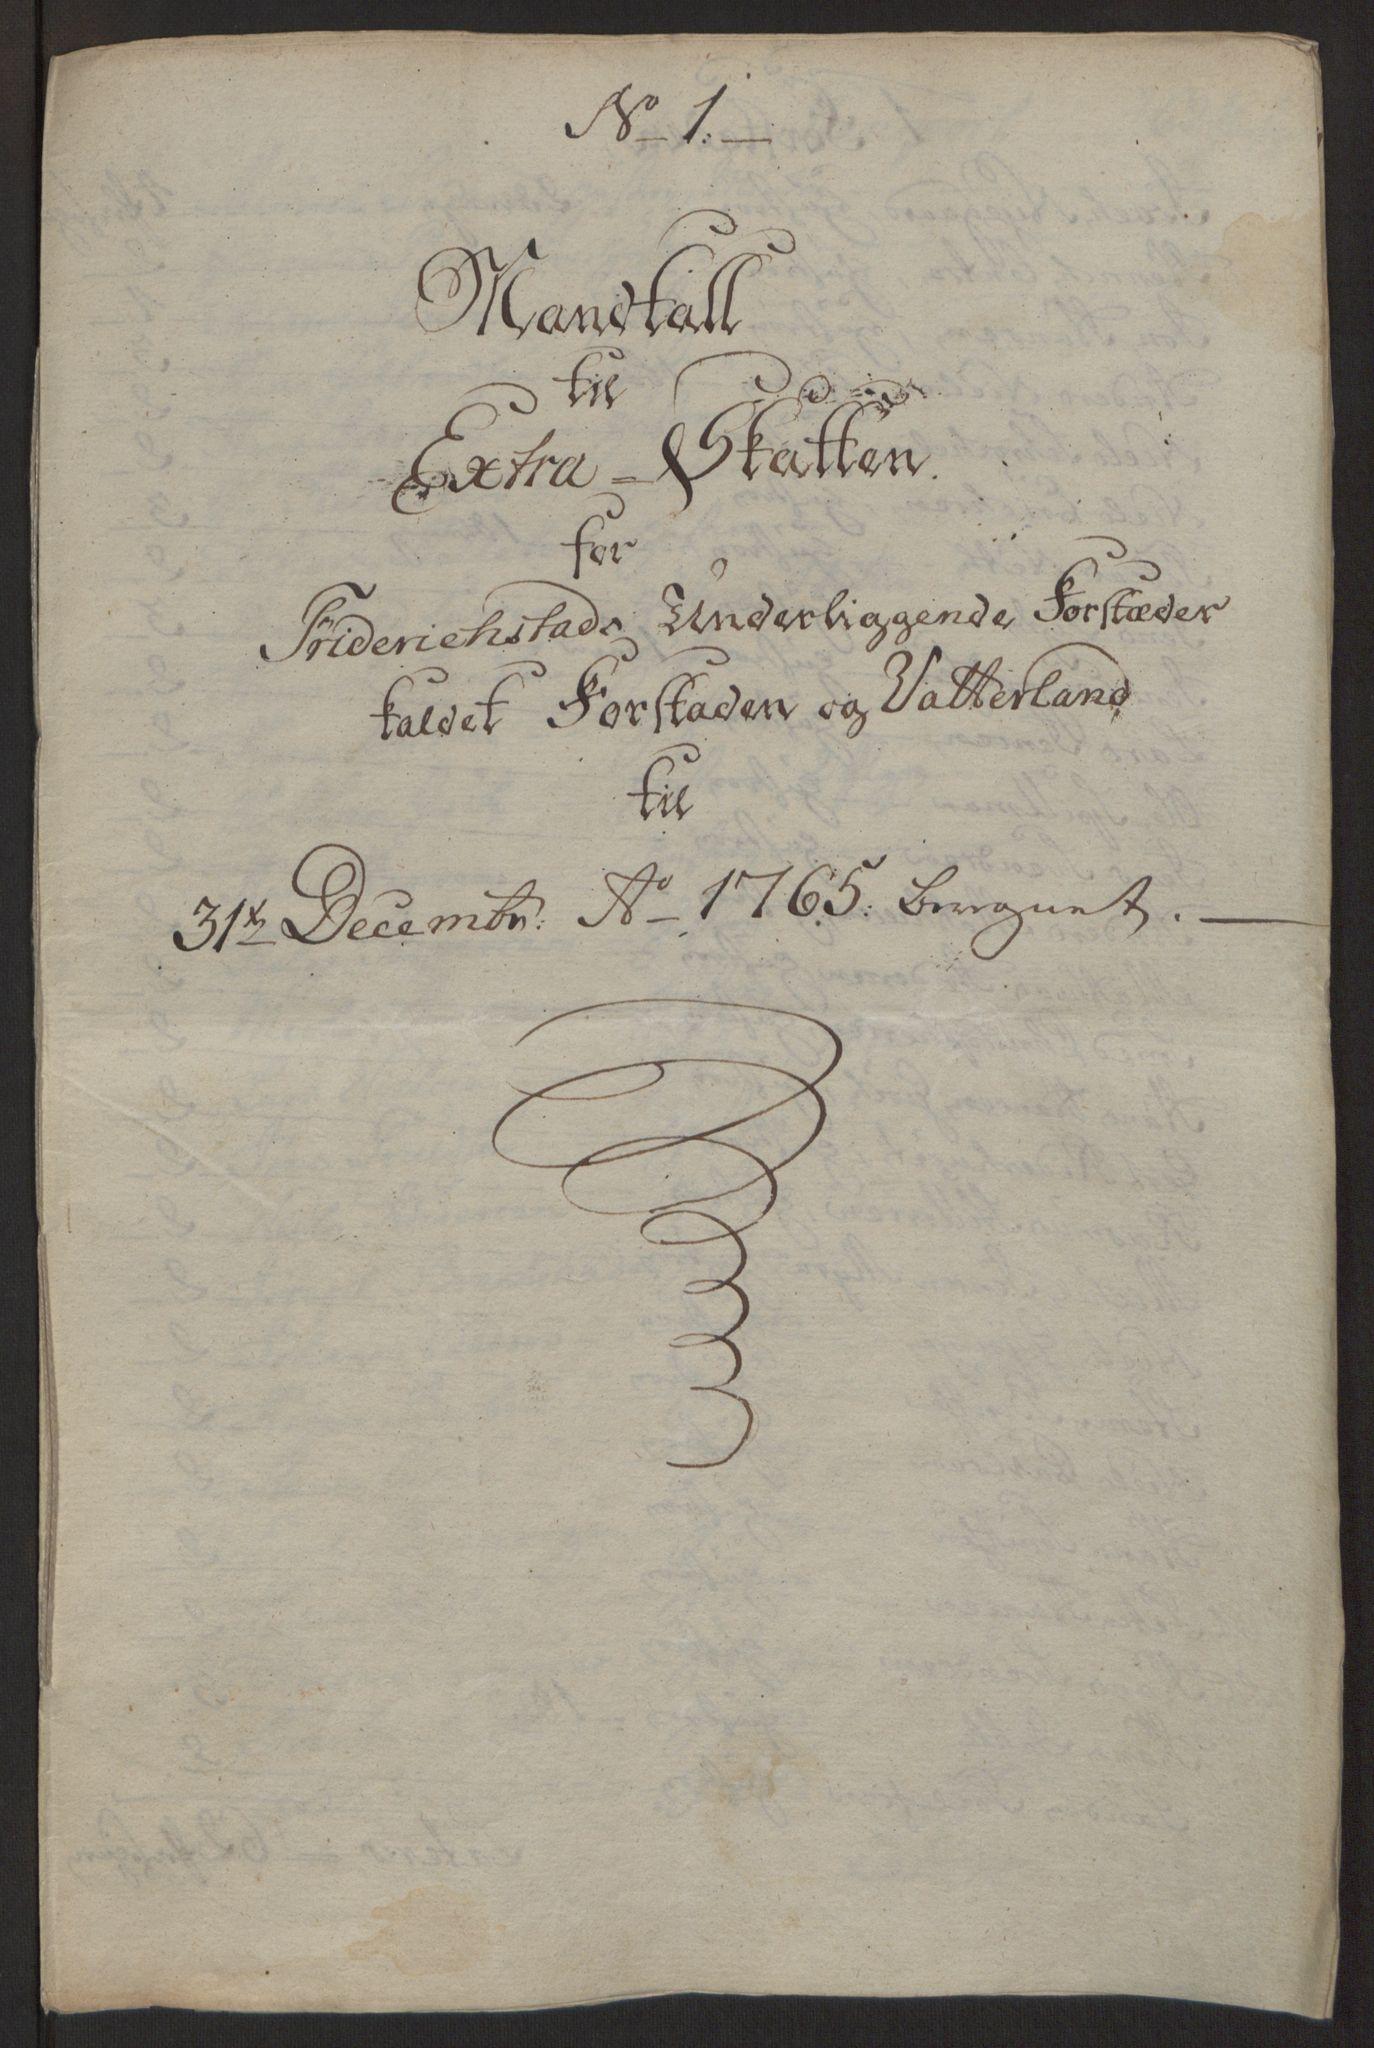 RA, Rentekammeret inntil 1814, Reviderte regnskaper, Byregnskaper, R/Rb/L0029: [B3] Kontribusjonsregnskap, 1762-1772, s. 152